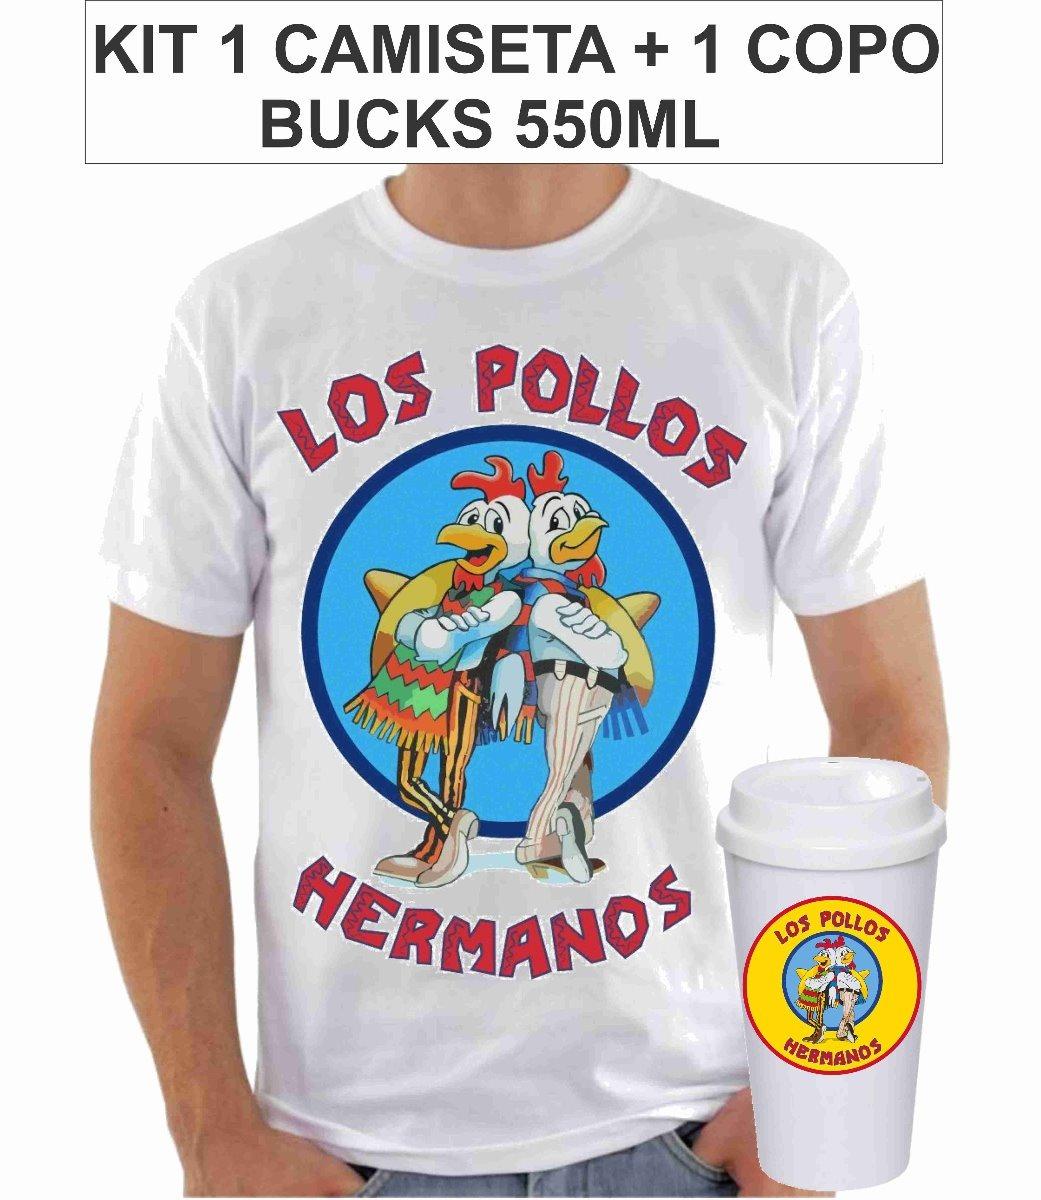 ec7b83210 Camisa + Copo Bucks Los Pollos Hermanos Breaking Bad